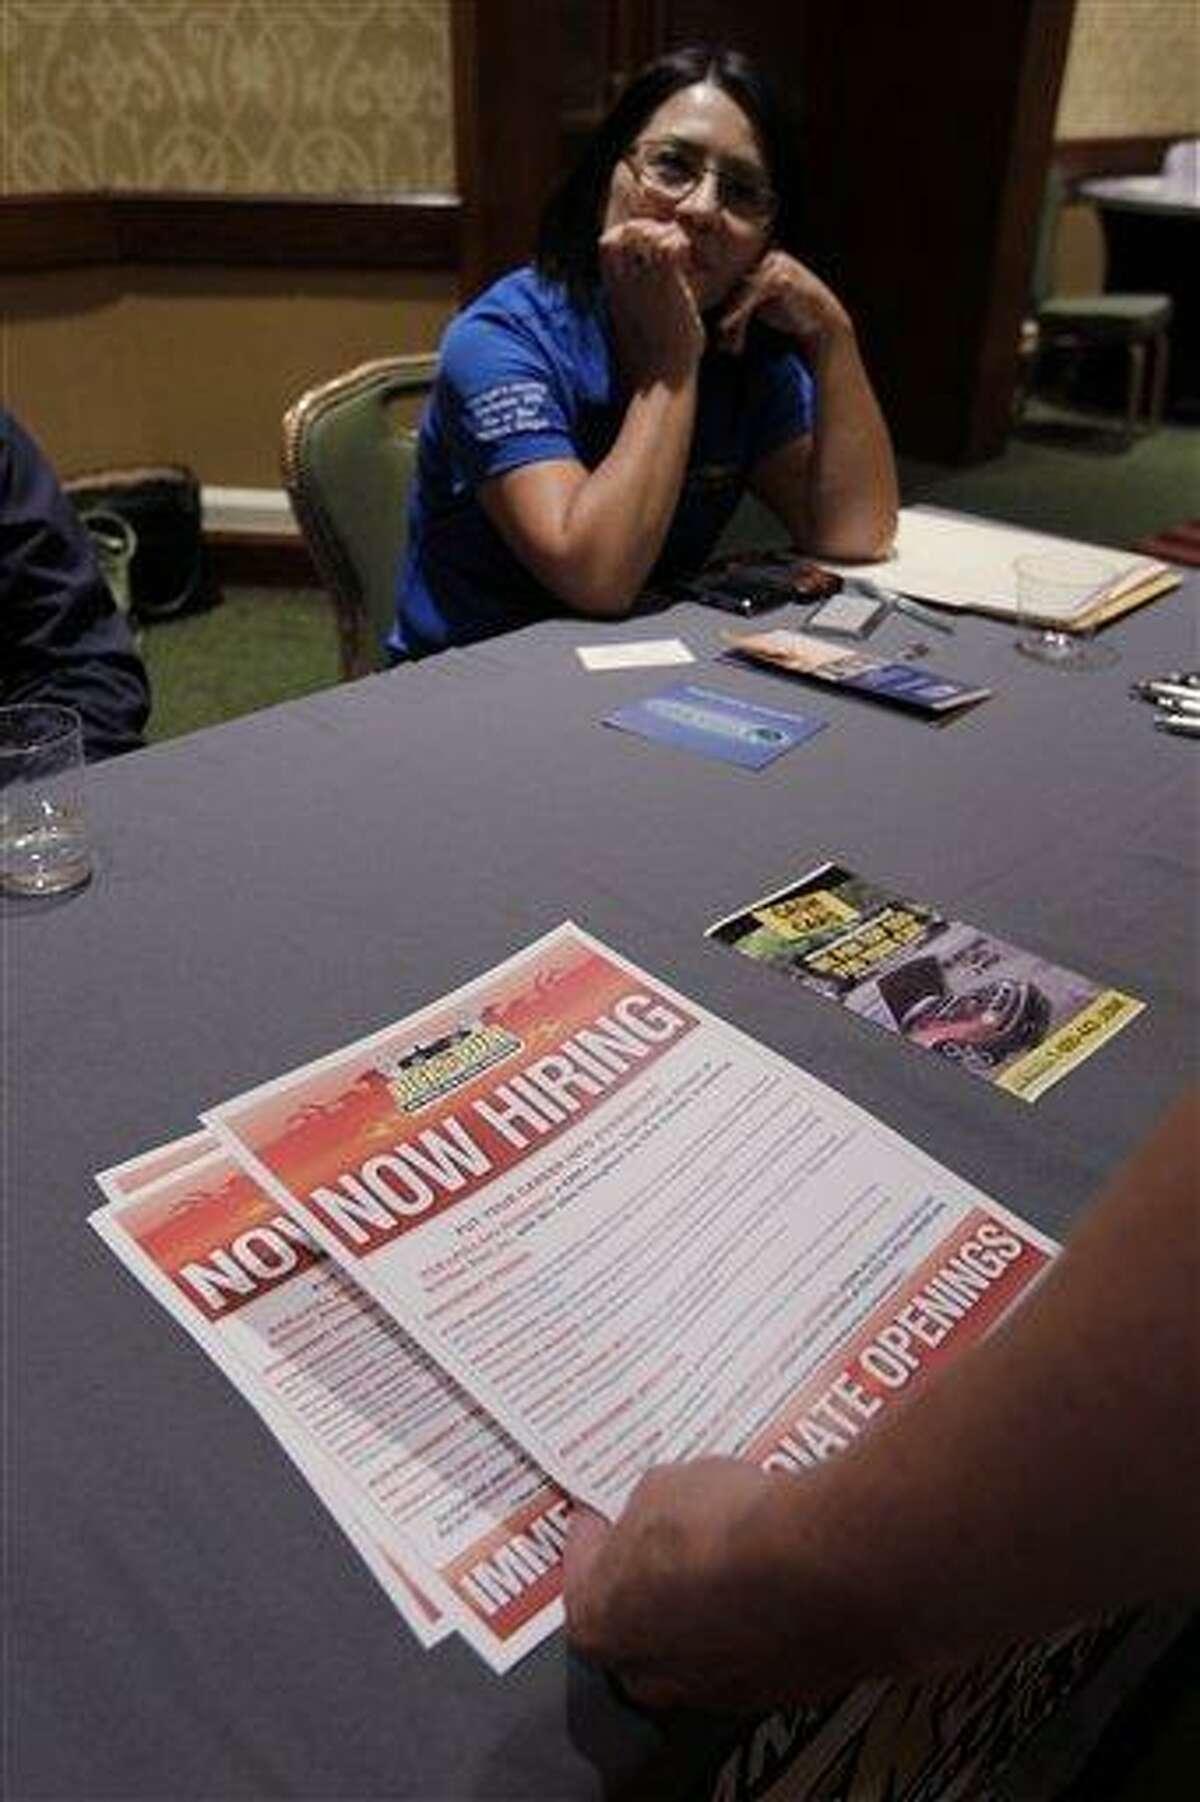 A job applicant picks up a brochure at a job fair July 25 in San Jose, Calif. Associated Press